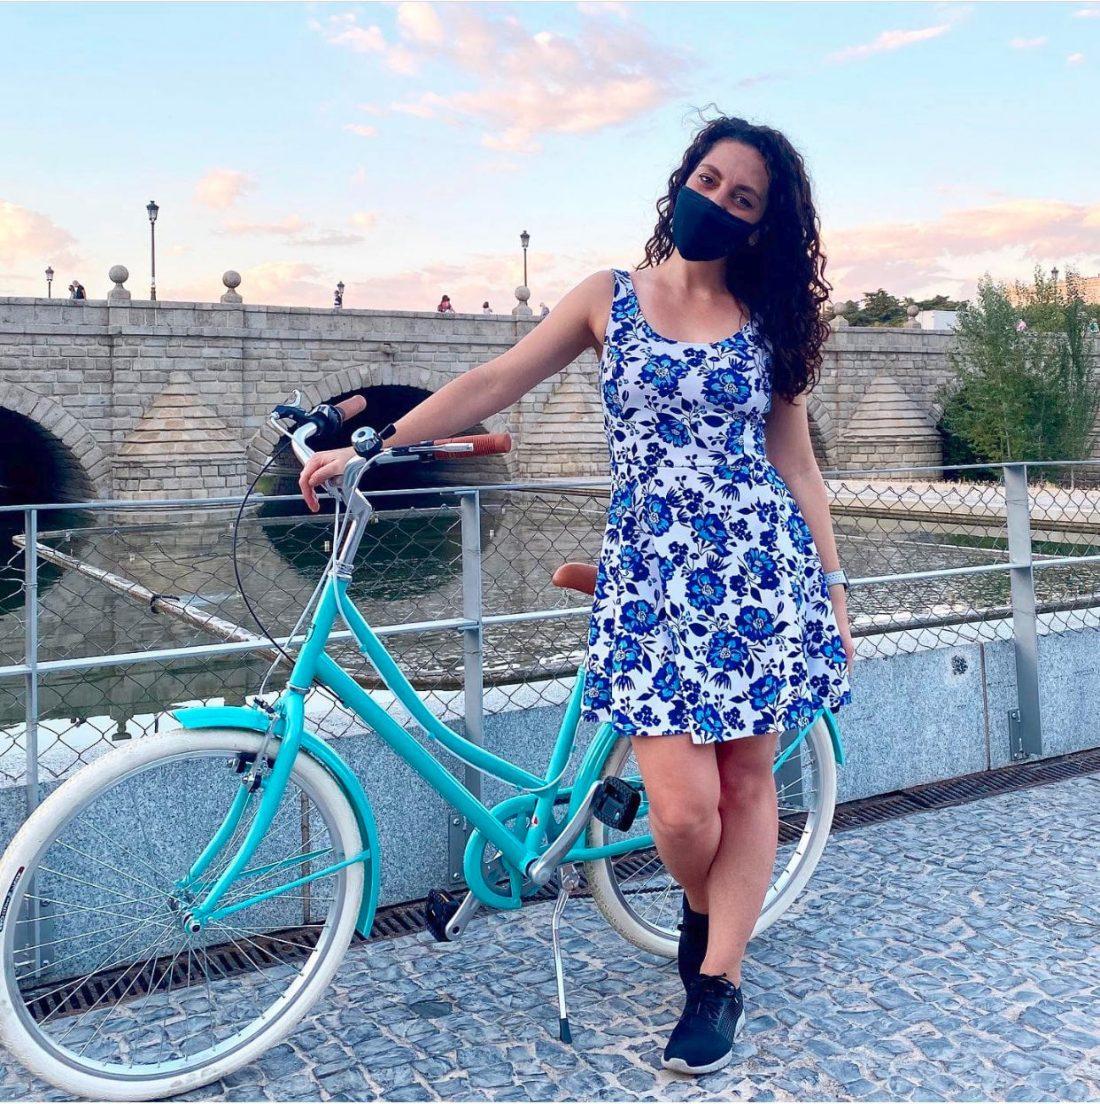 30 días en bici,,concurso Instagram